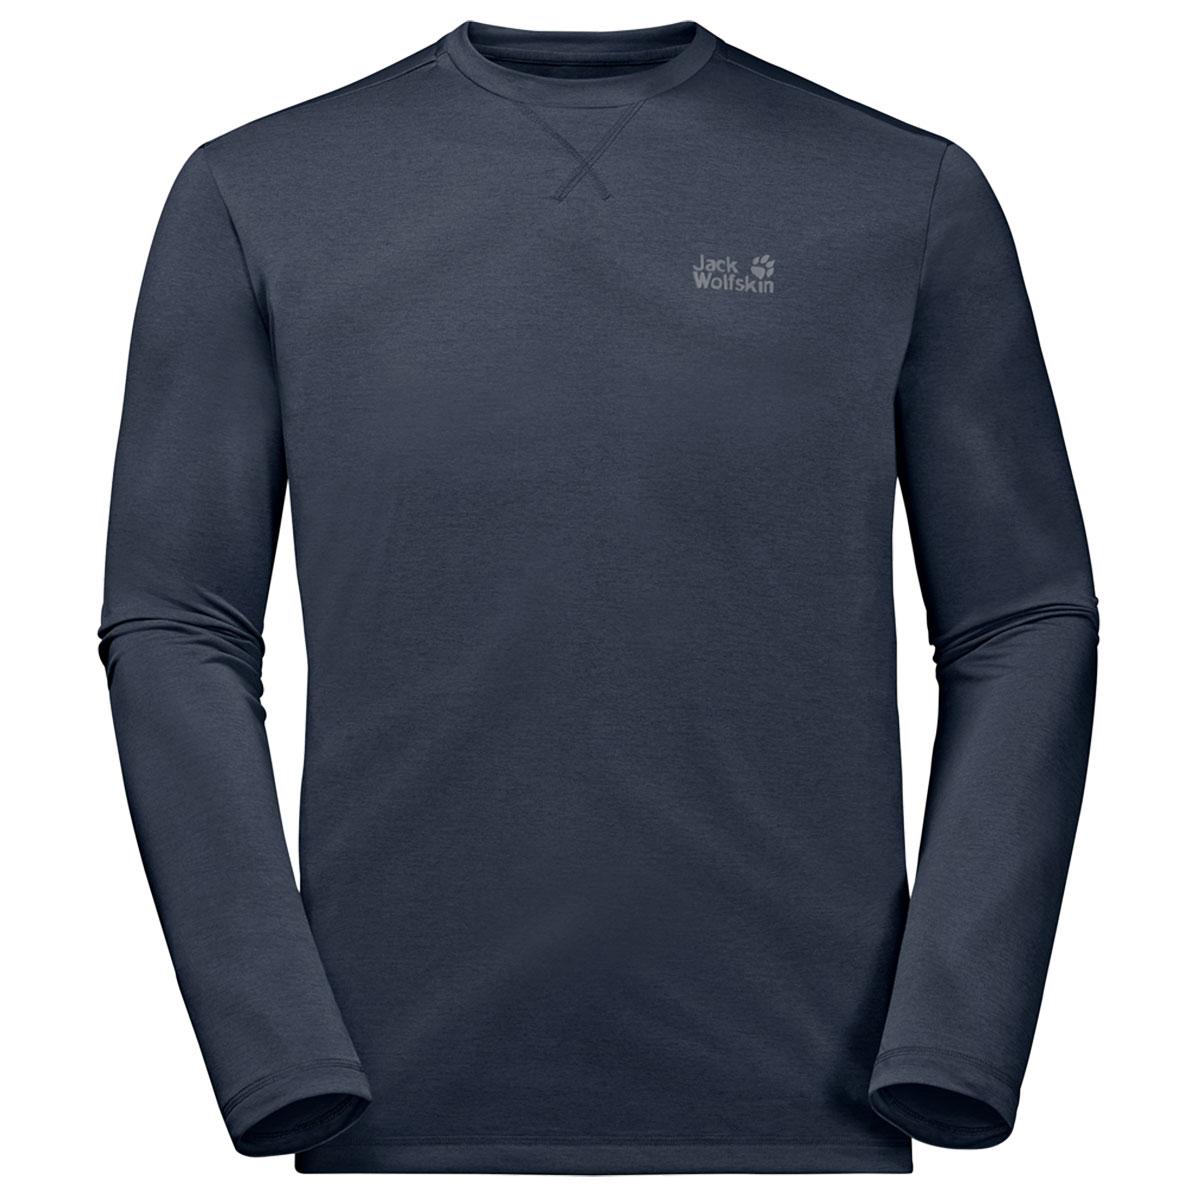 Details zu Jack wolfskin Herren Crosstail Langärmelig Rundhals Leicht T Shirt Top